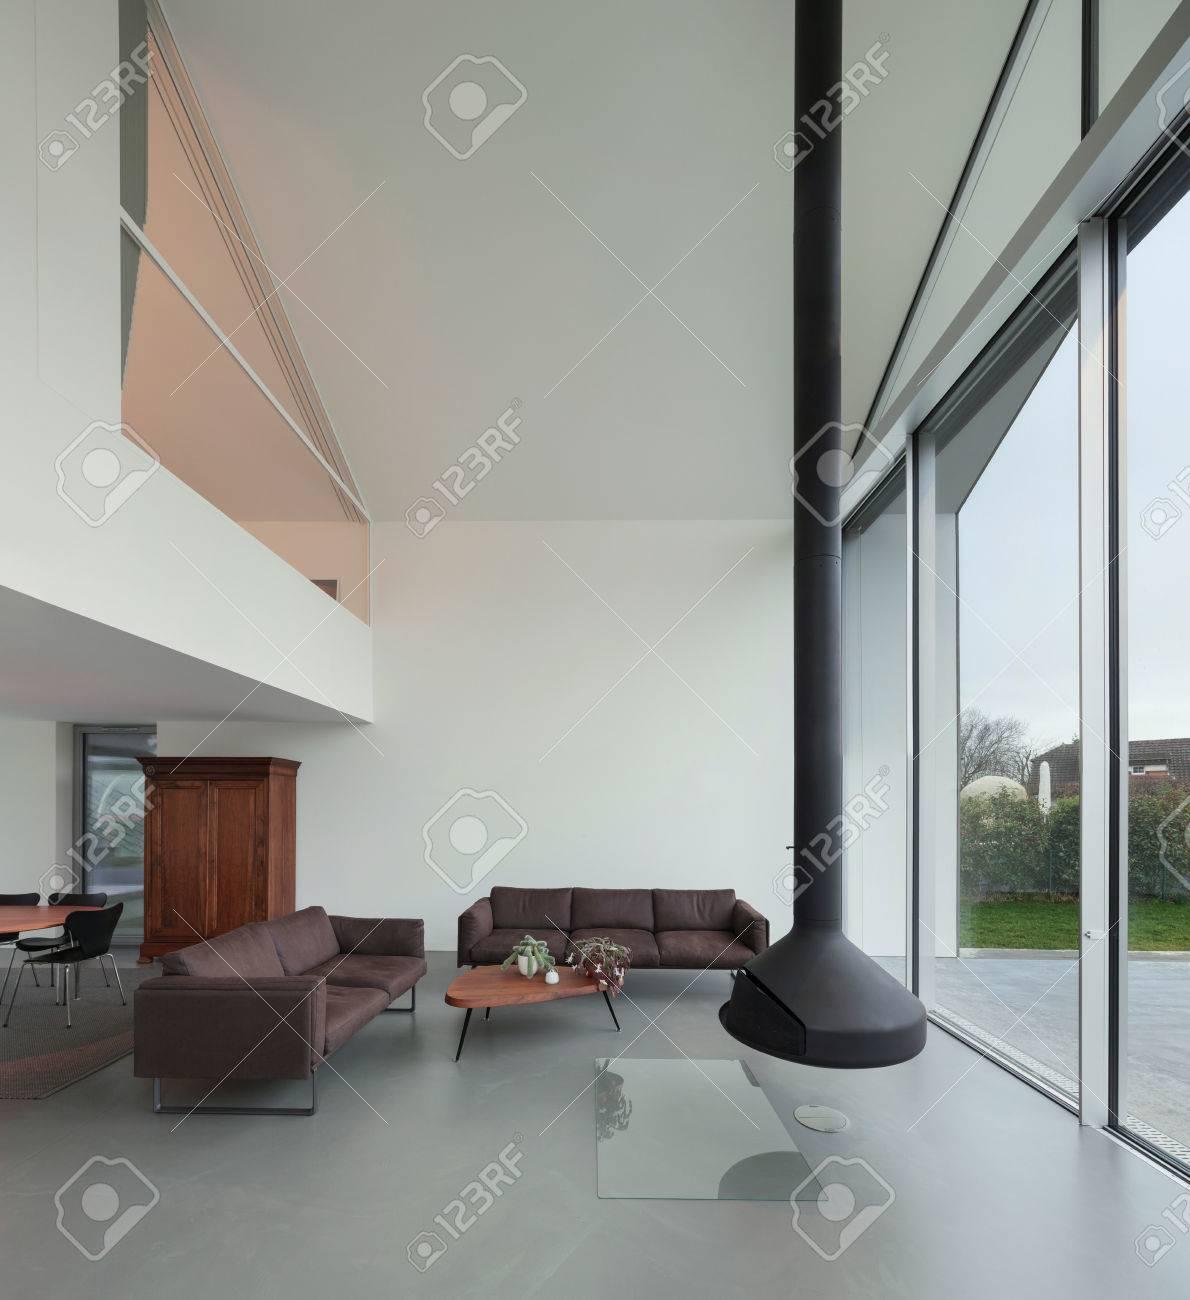 Innenraum Eines Schönen Modernen Haus, Wohnzimmer Lizenzfreie Fotos ...